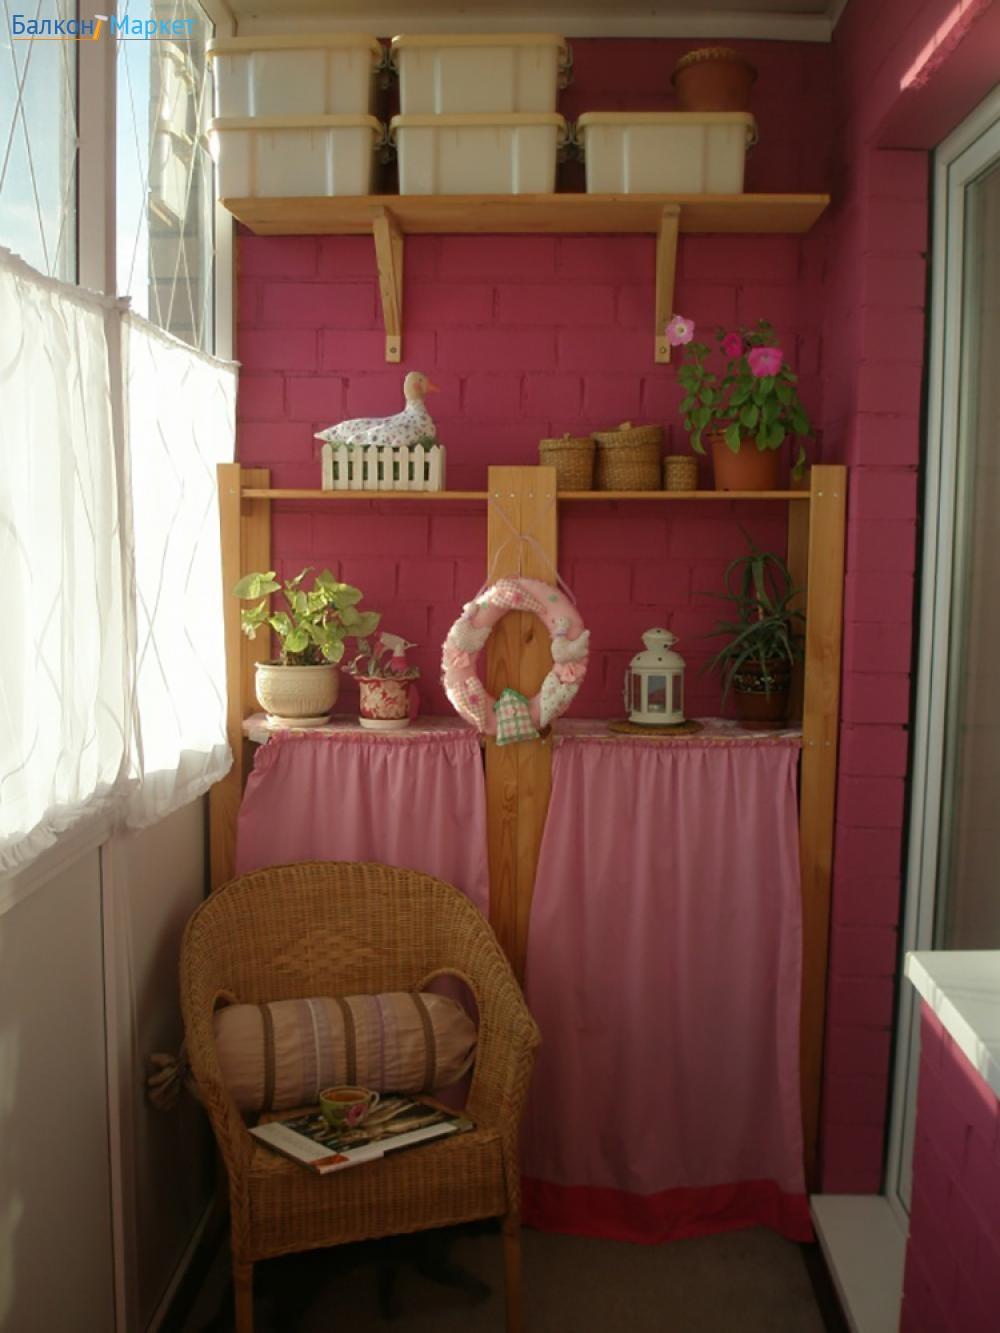 Как обустроить балкон или лоджию - 170 идей - фото.